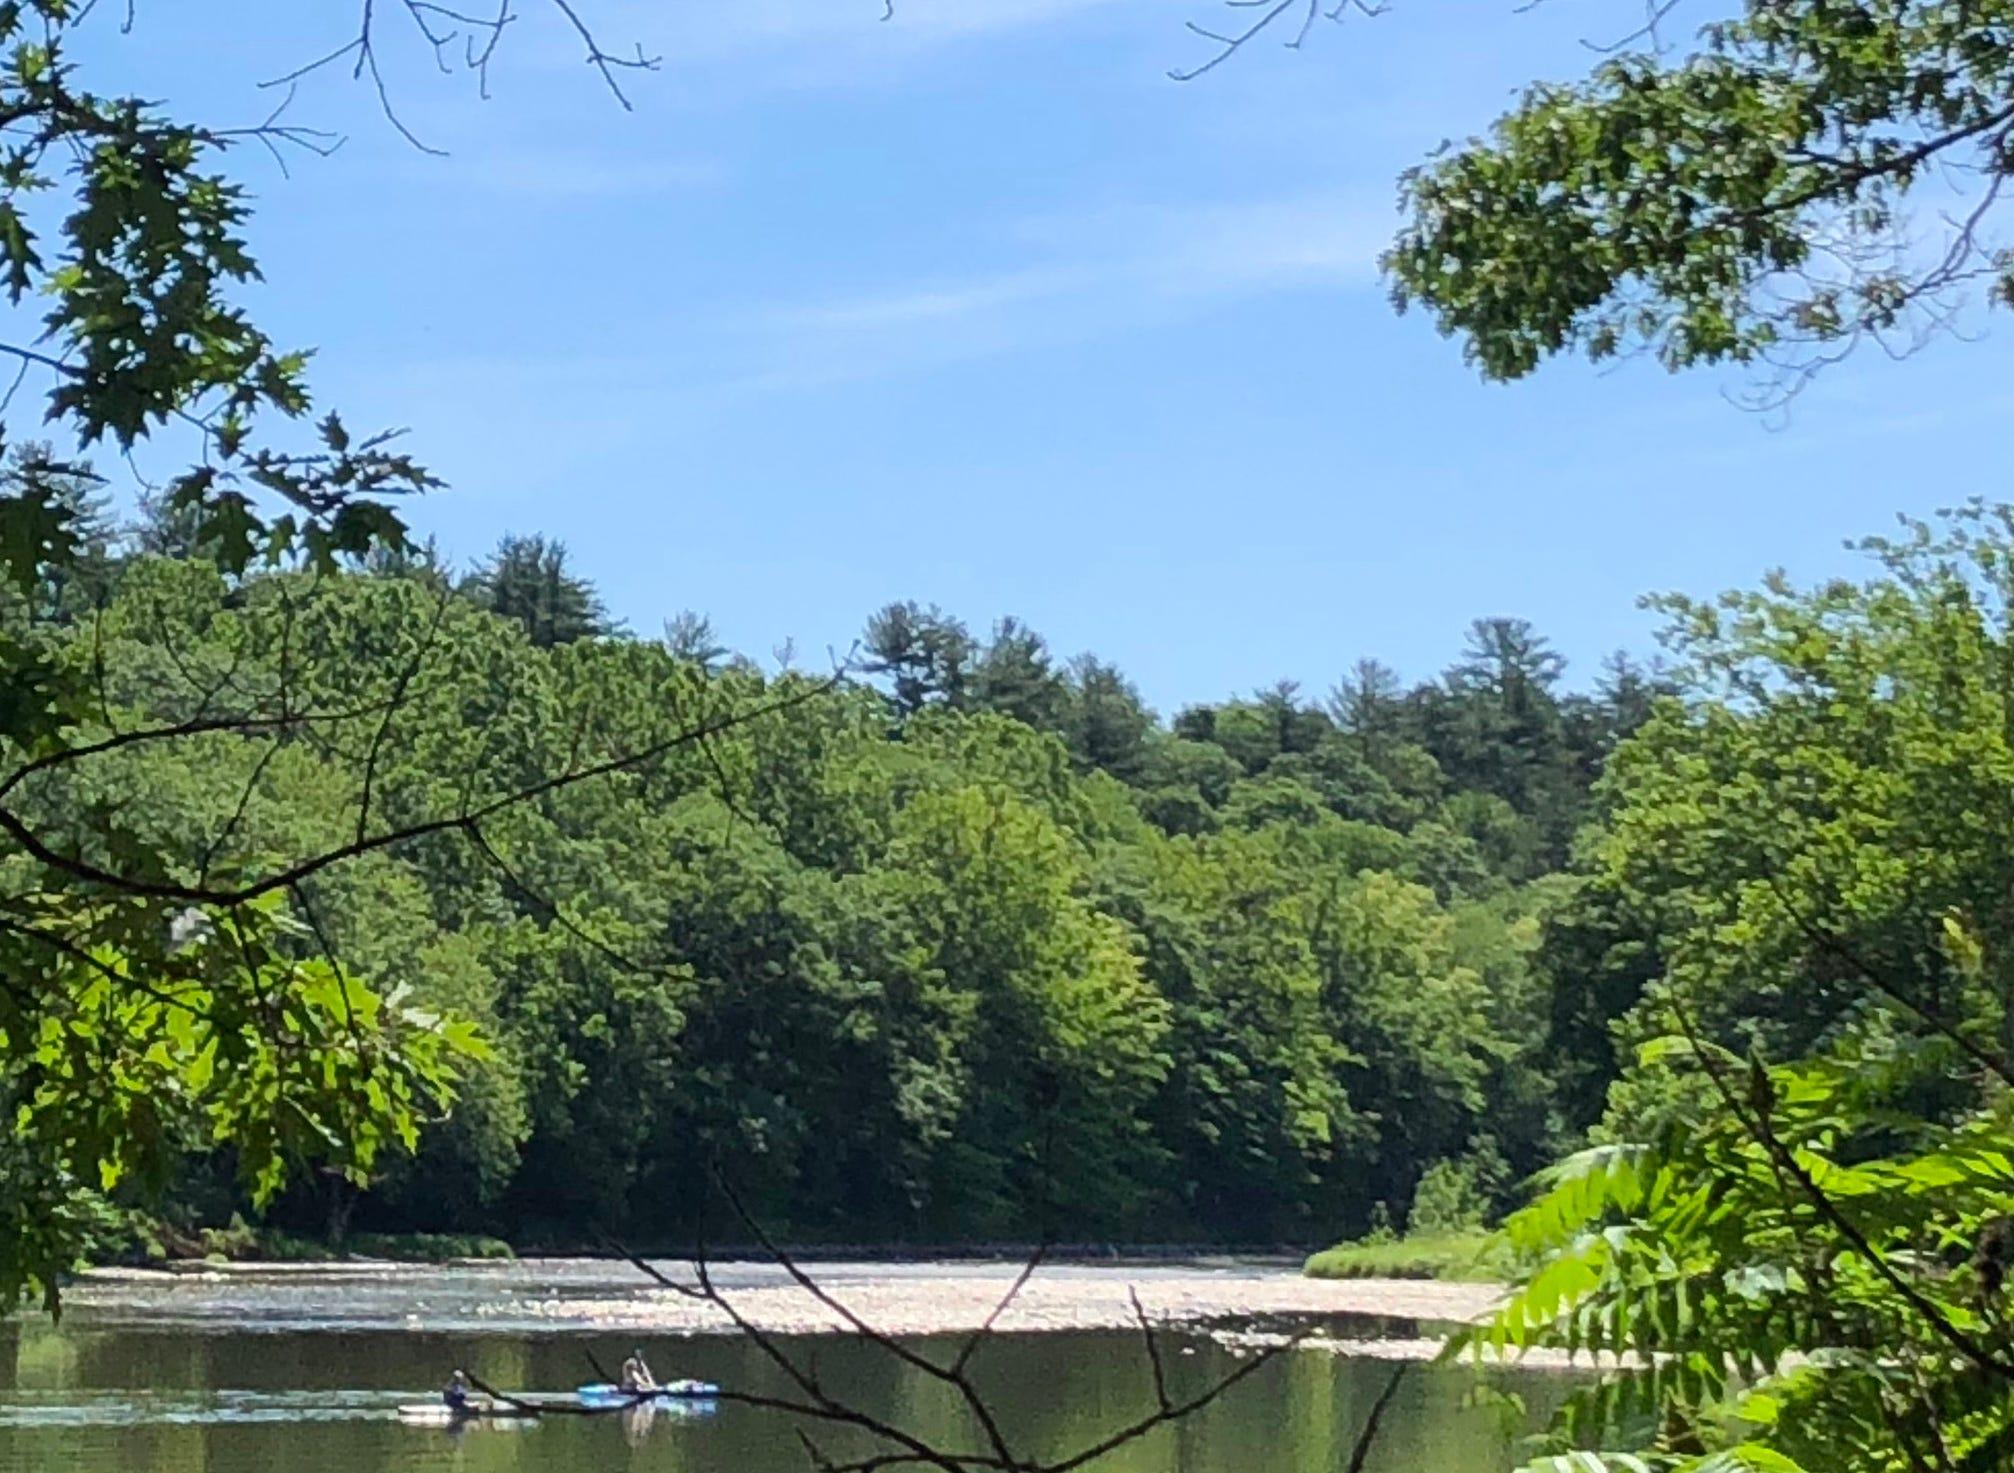 Chenango River.